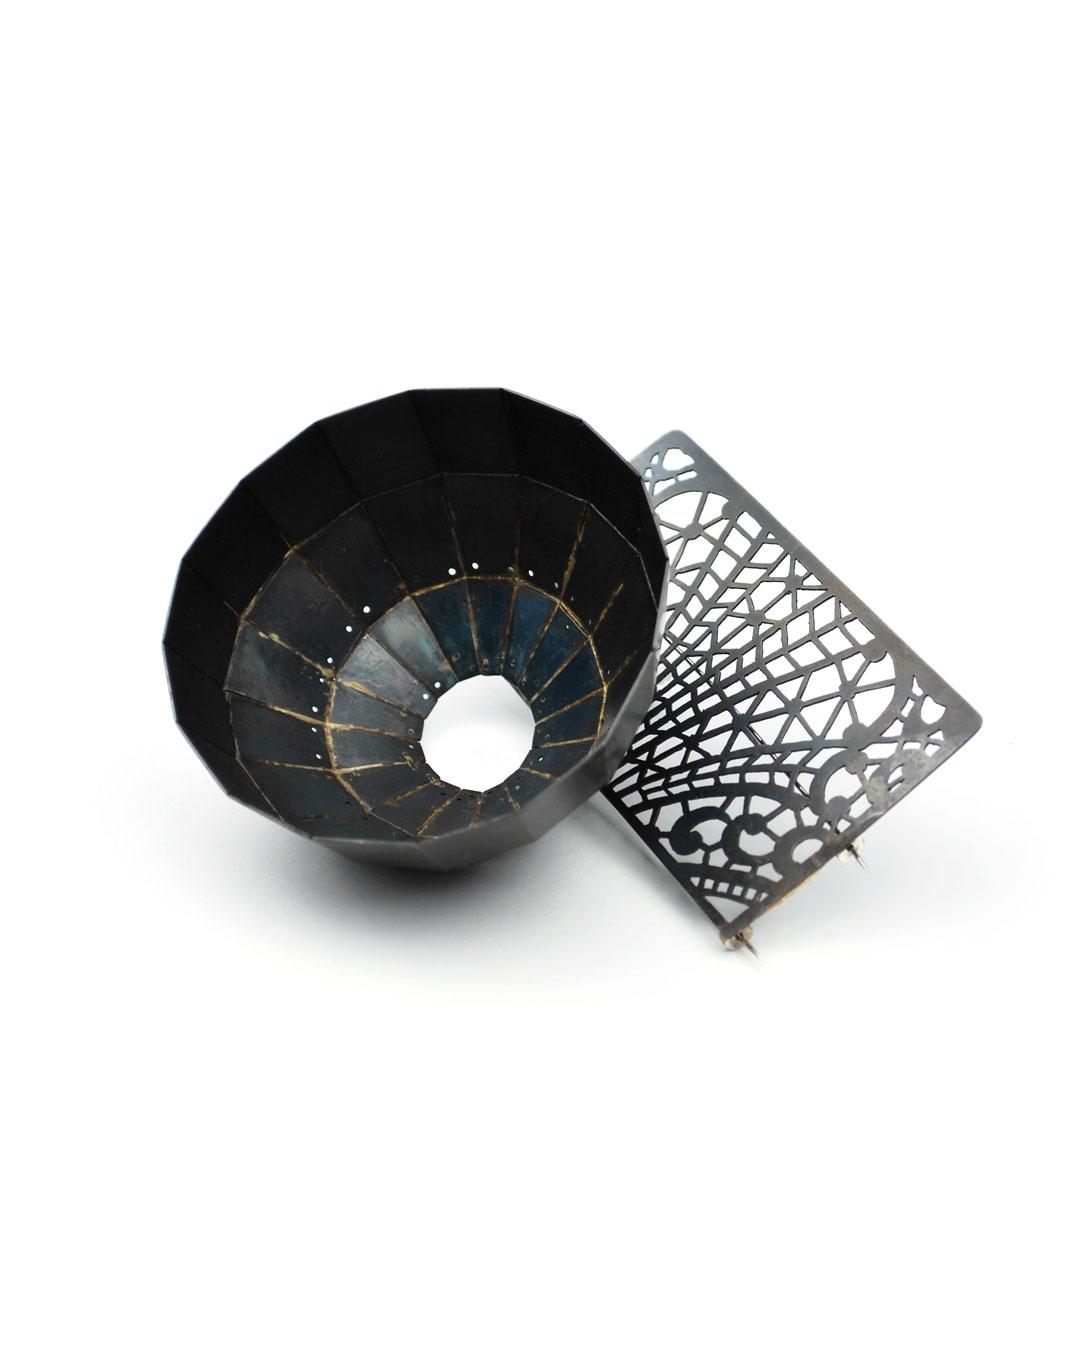 Vera Siemund, untitled, 2018, brooch; steel, silver, 90 x 90 x 45 mm, €1210